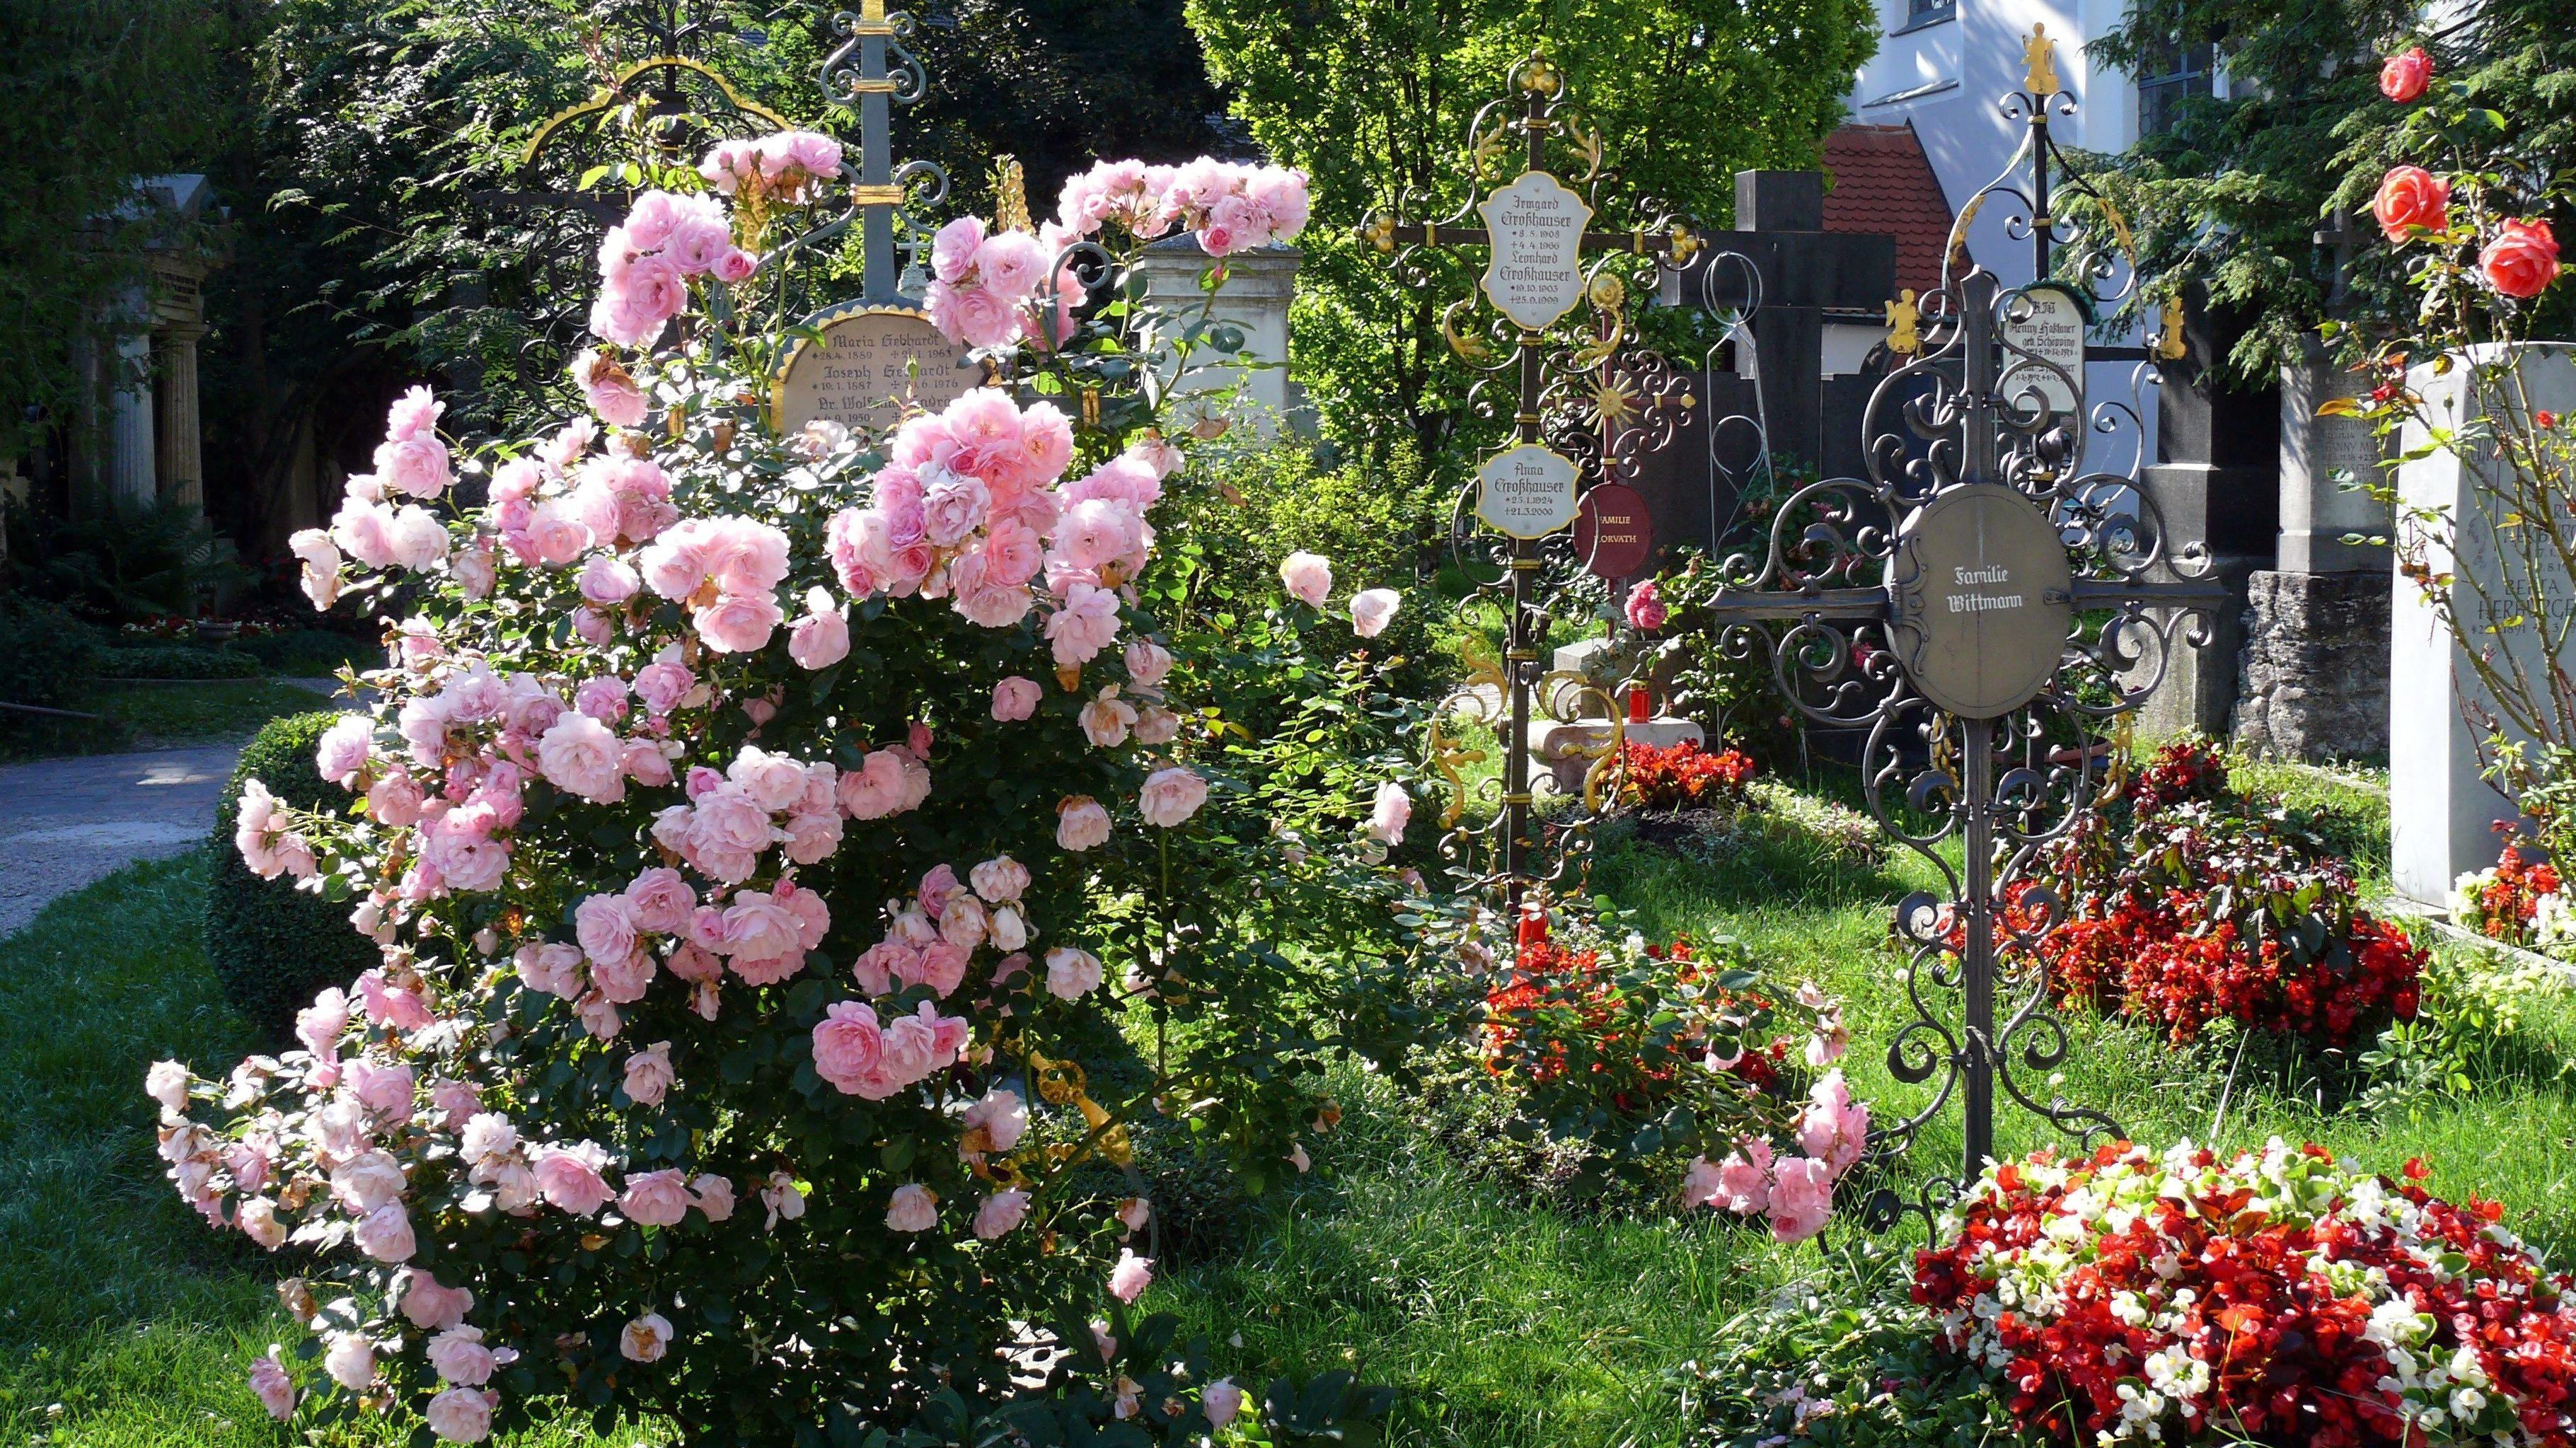 Rosen blühen auf einem Friedhof.